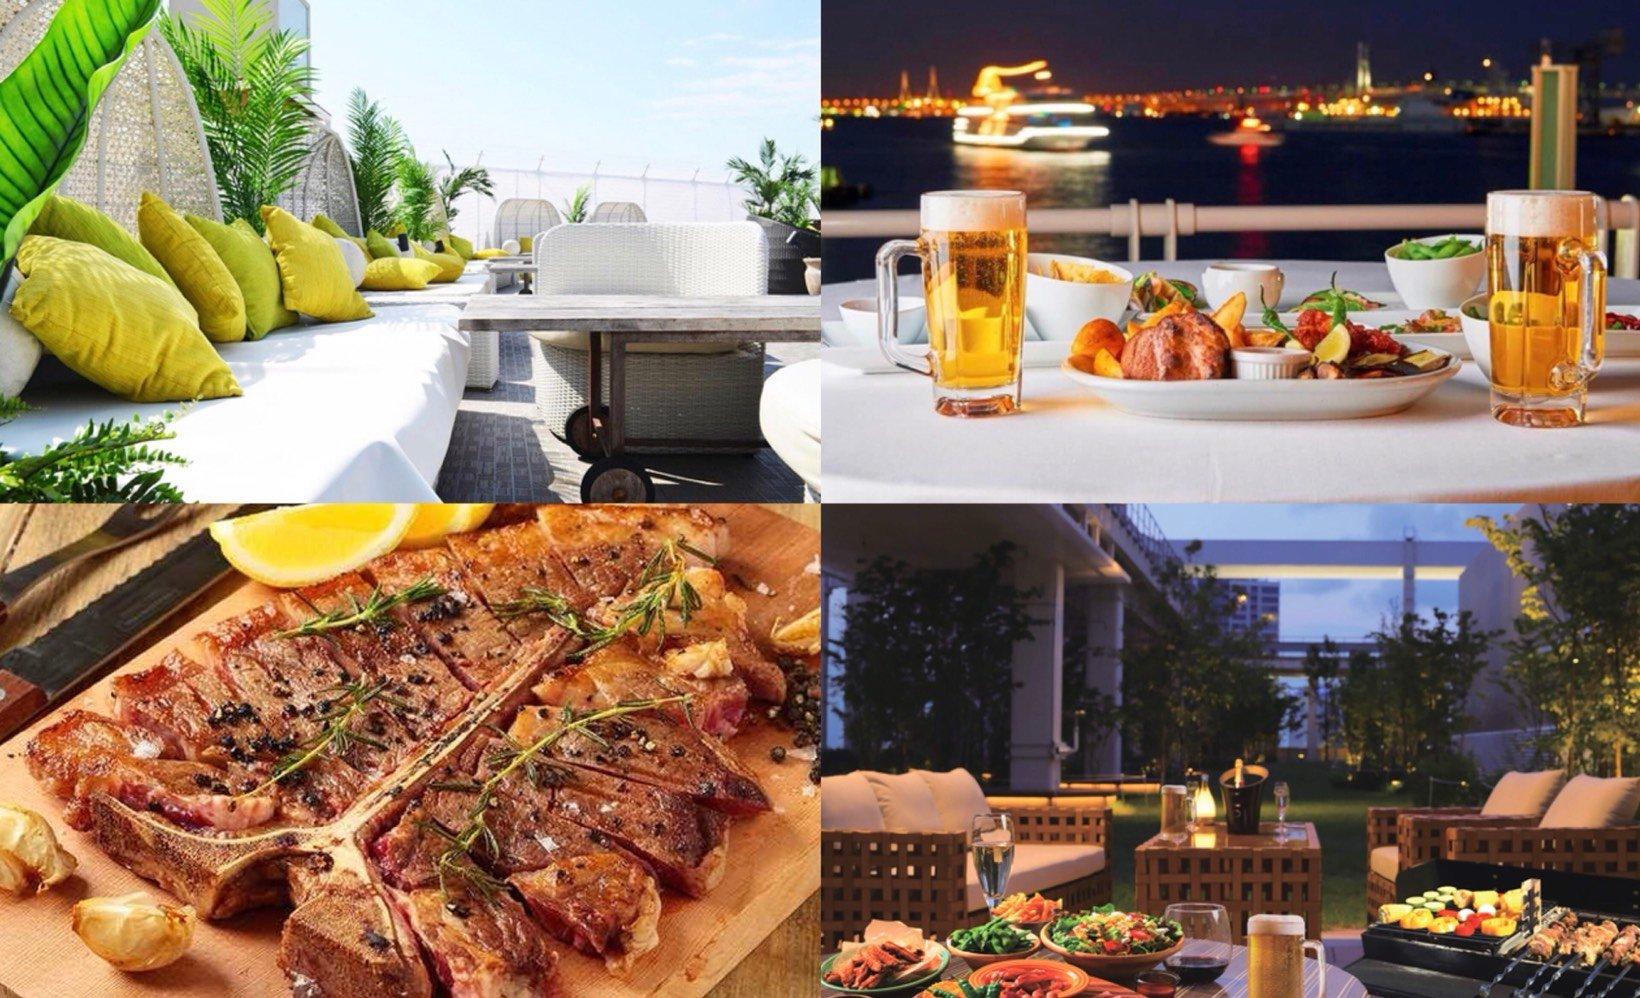 於關東舉辦的超推BBQ&露天酒吧2018統整 在六本木、在埼玉、在東京、在橫濱、在池袋